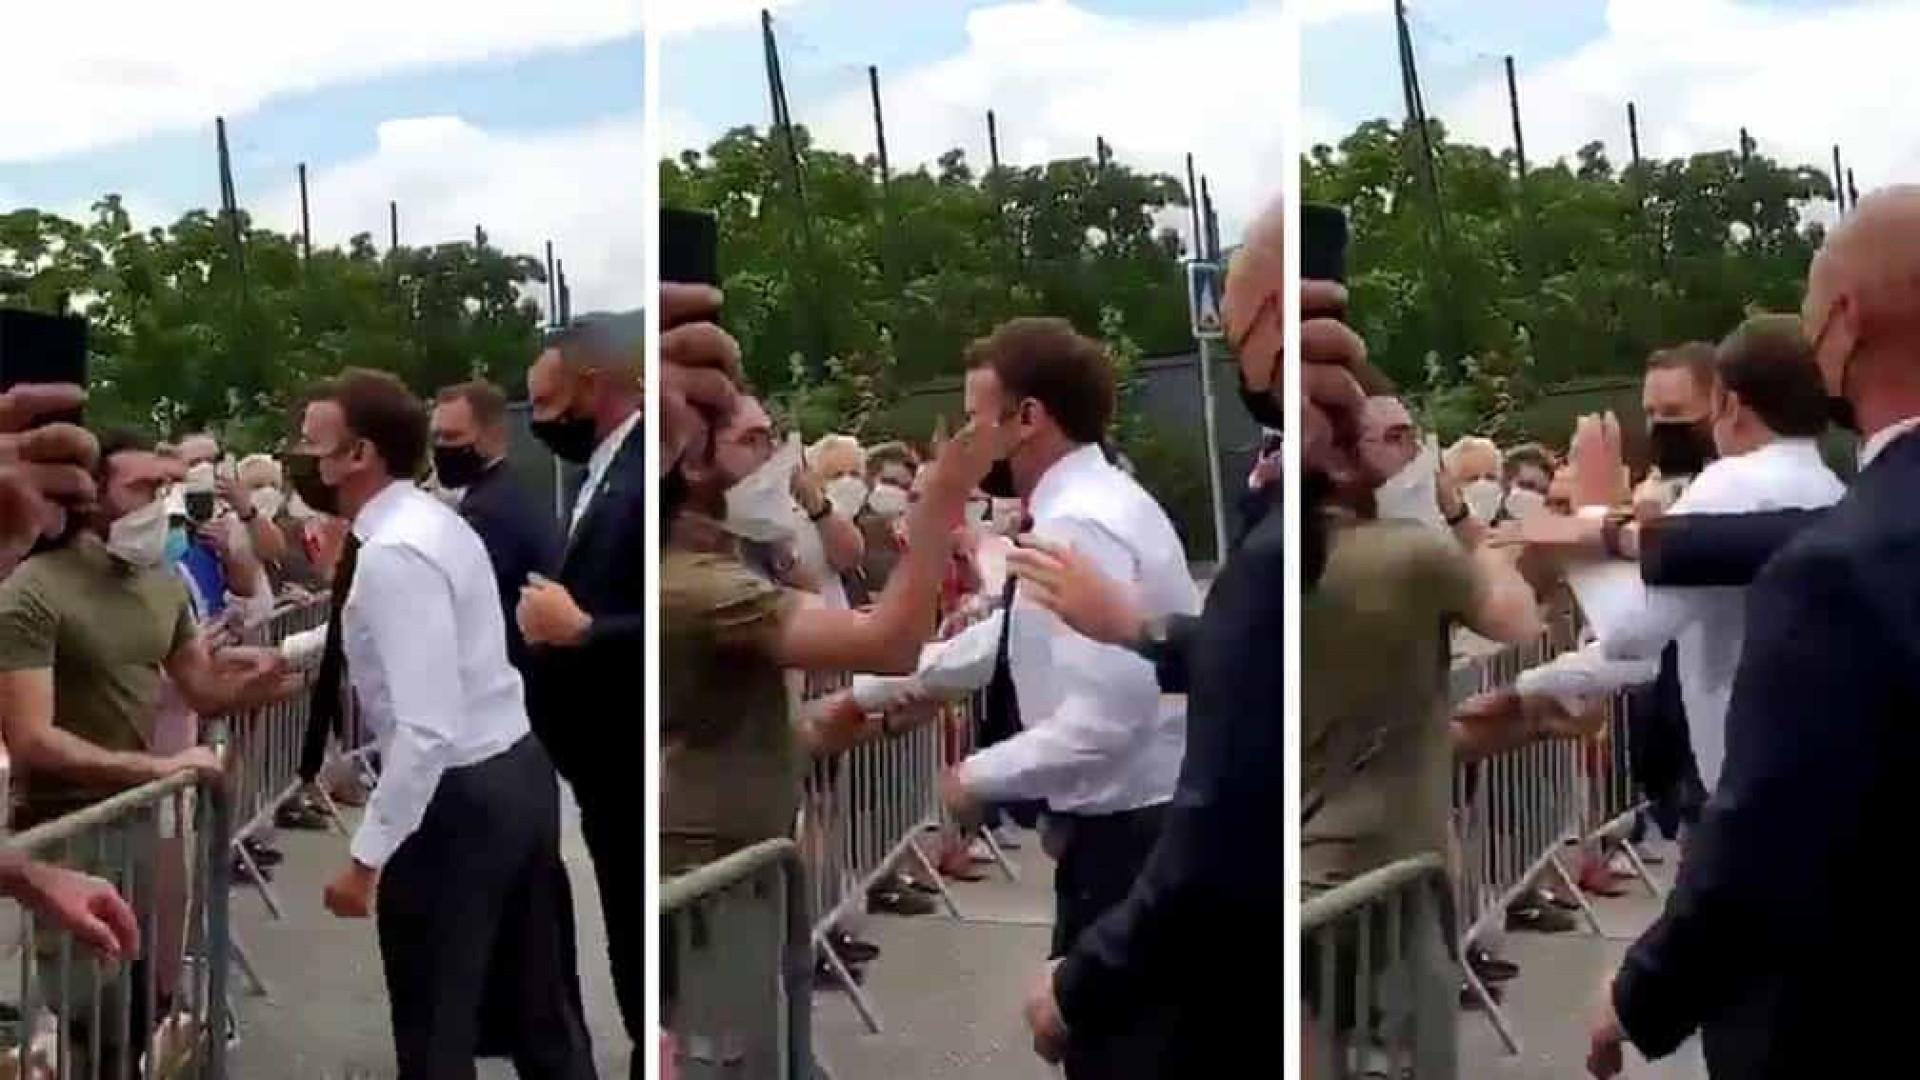 Macron leva tapa na cara de manifestante em visita ao sul da França